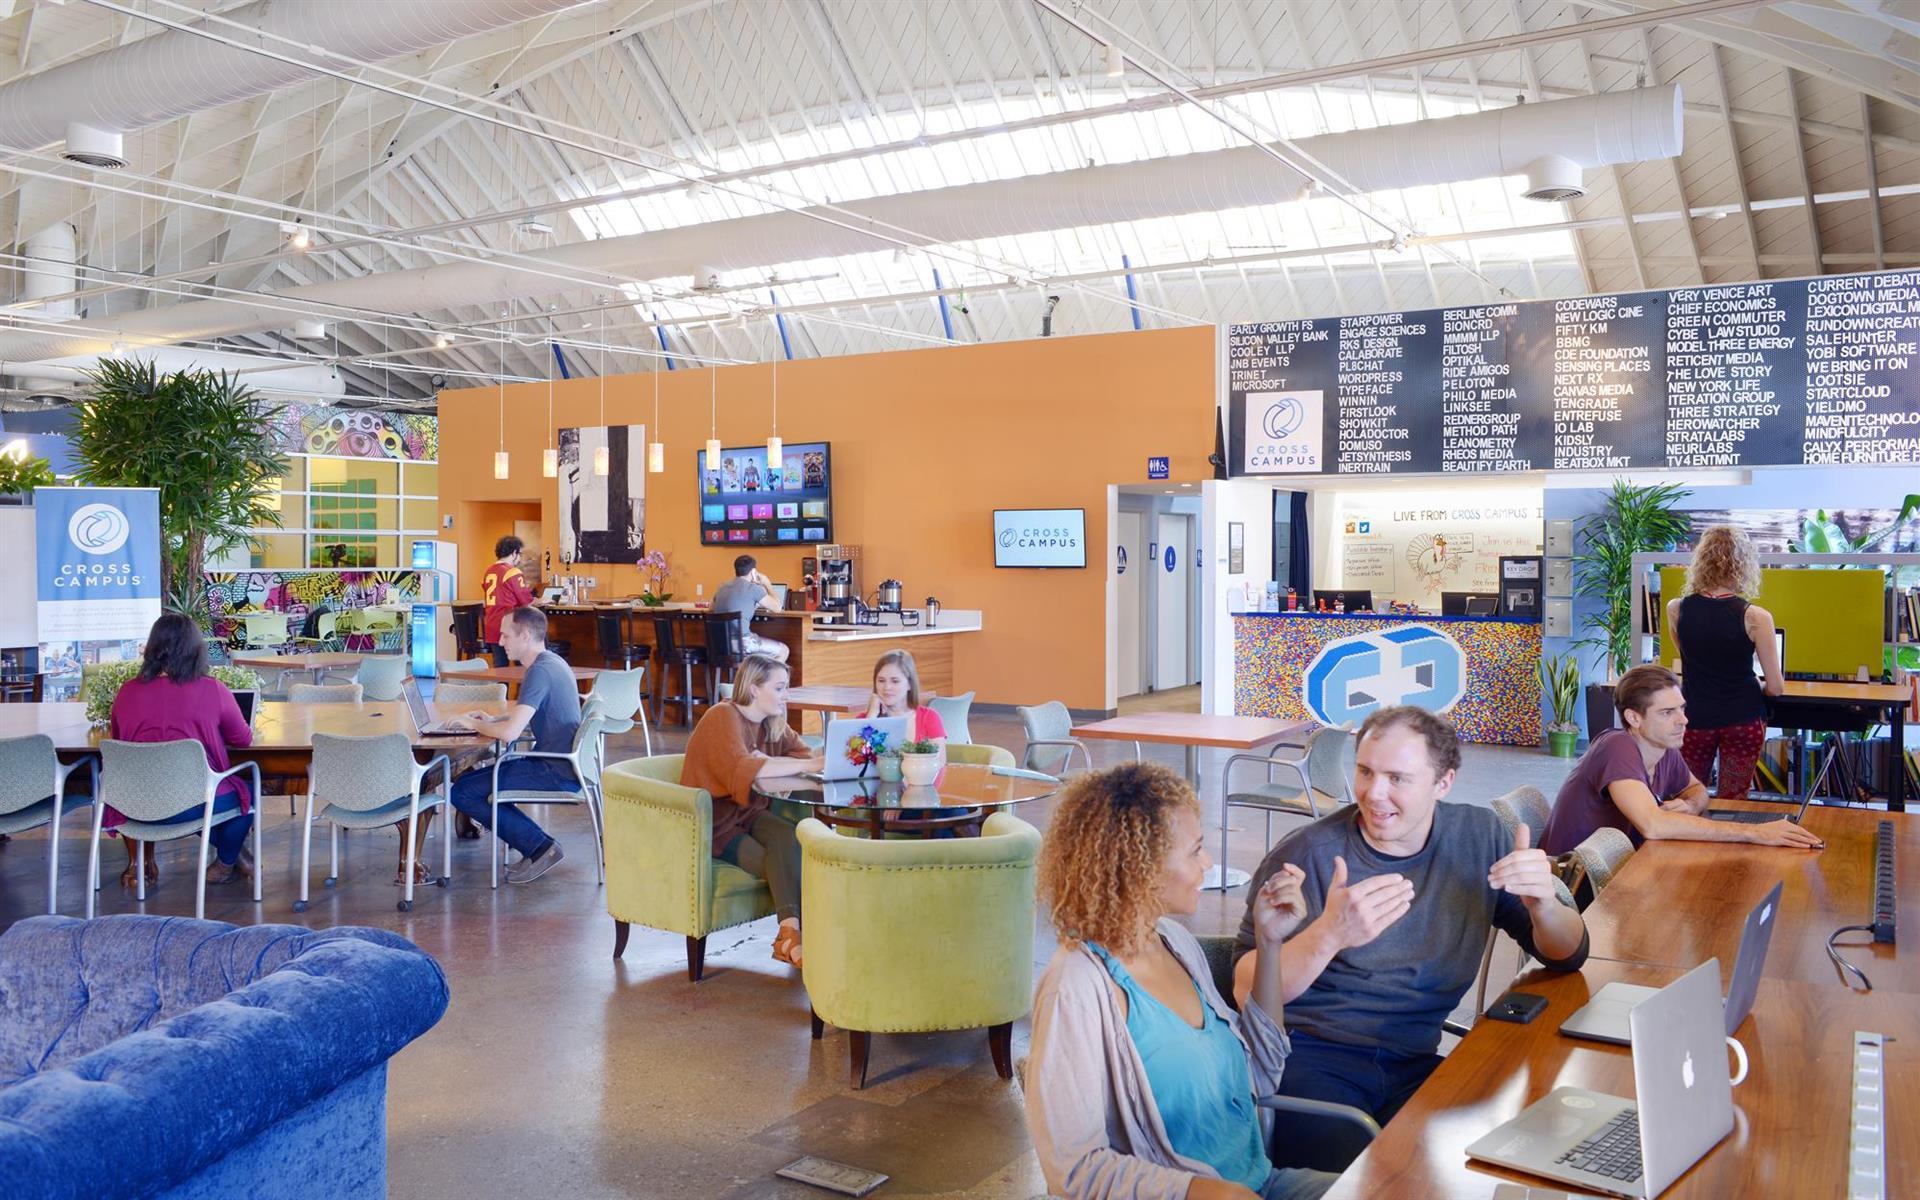 Cross Campus Santa Monica - Coworking & Hot Desk Membership